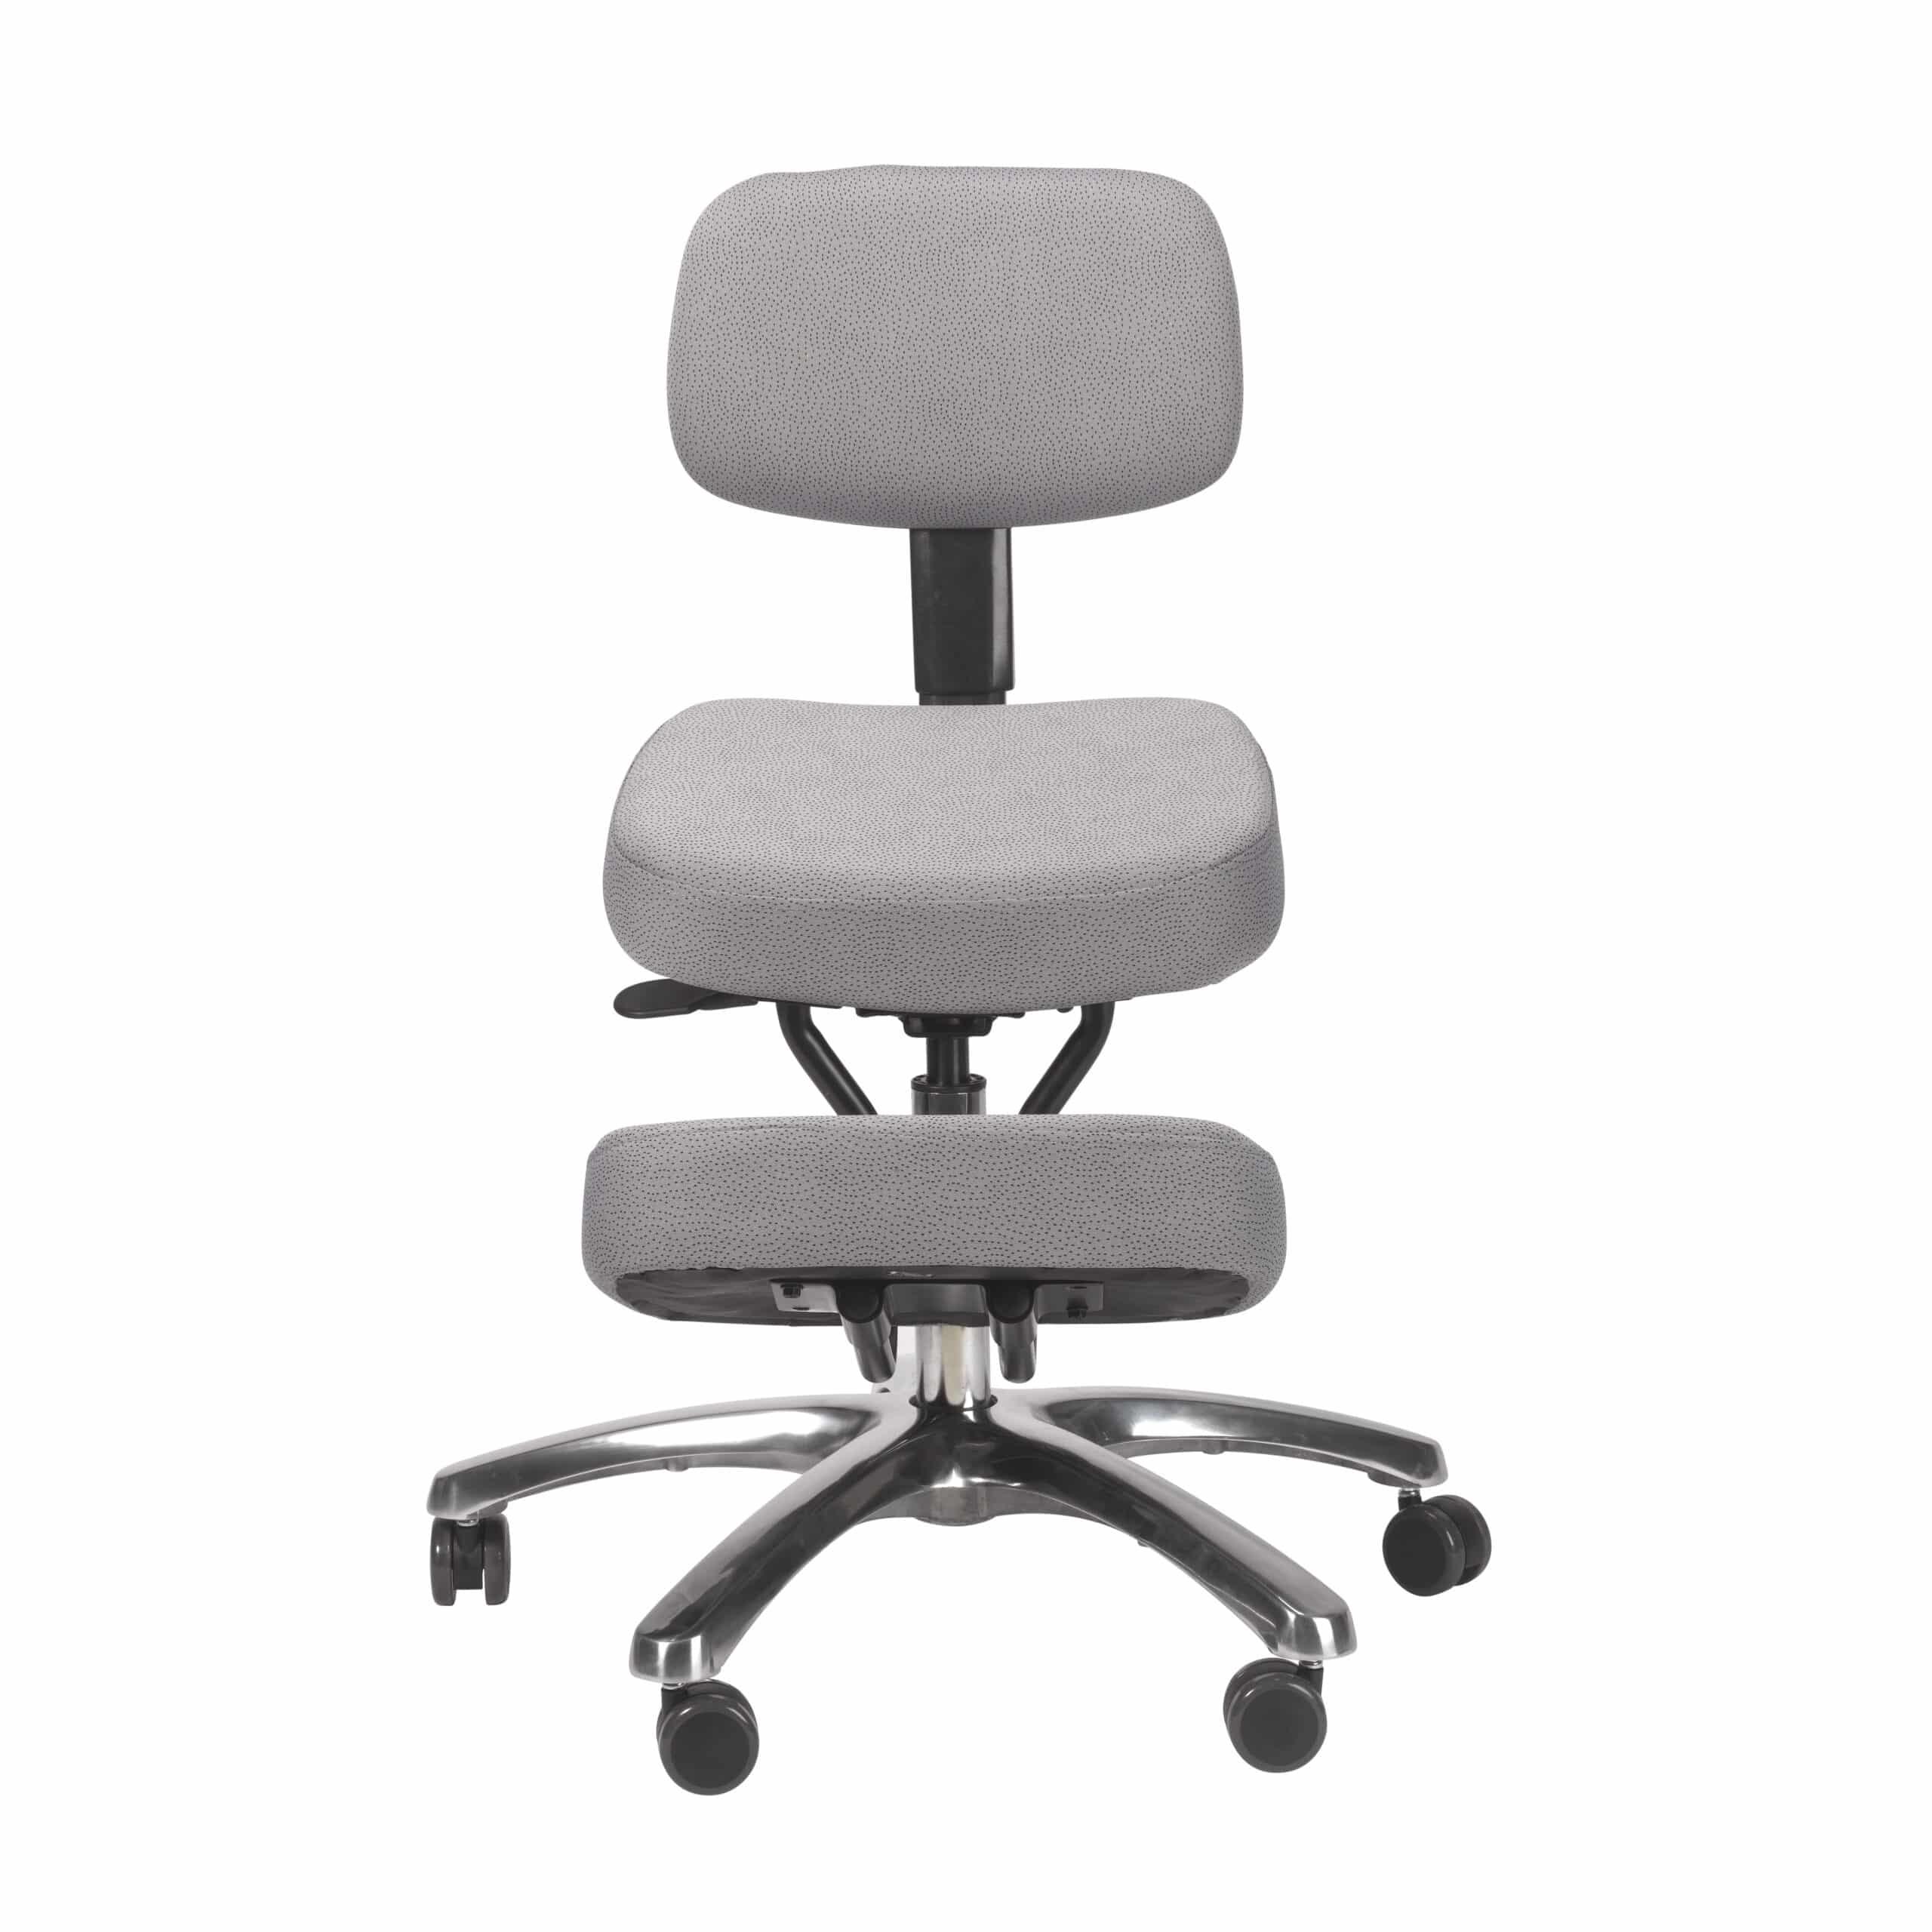 Kneeling Chairs Jazzy Kneeling Chair – Grey – BP1446GR